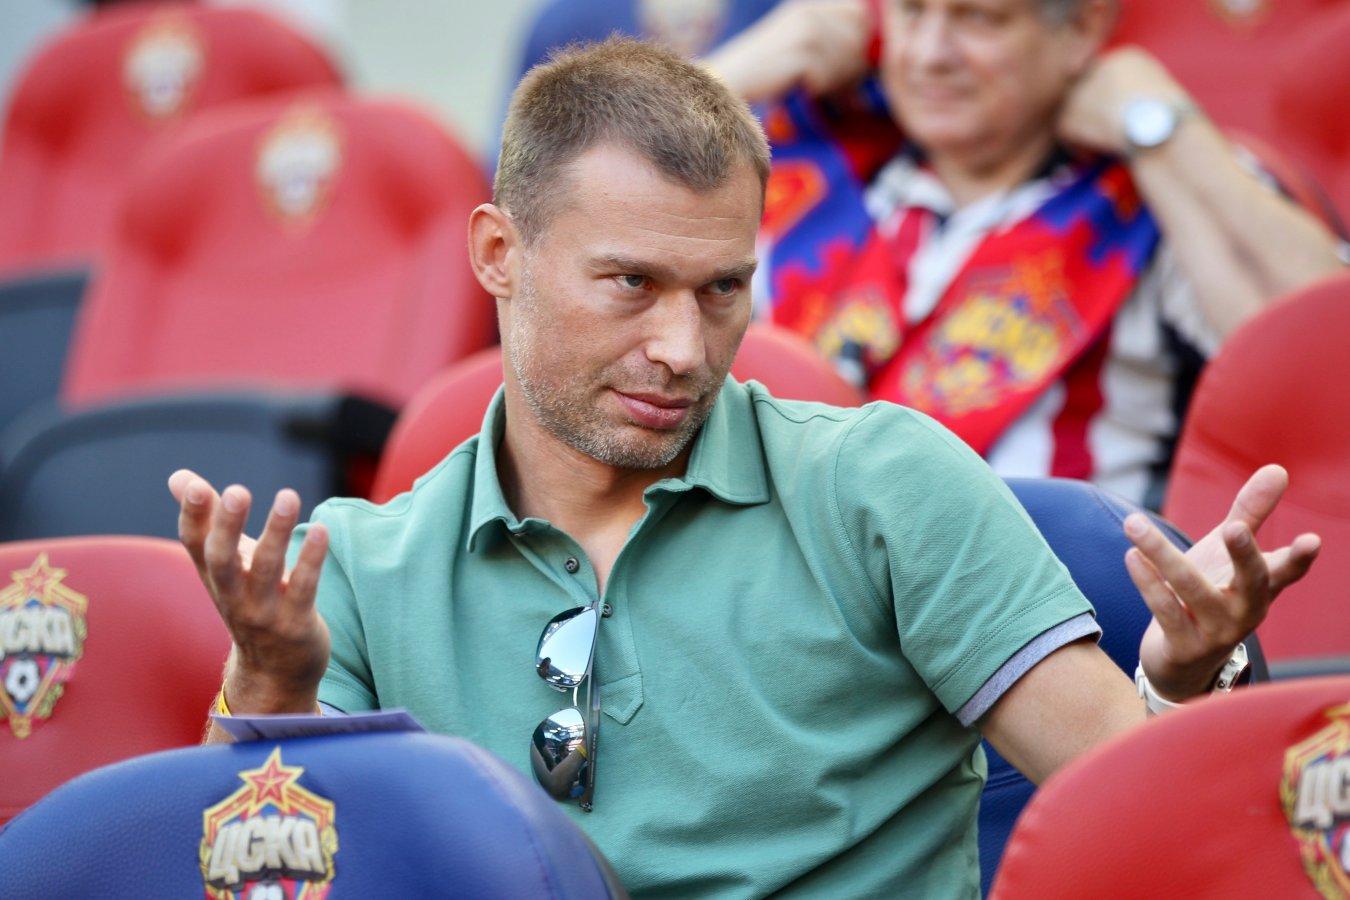 В. Березуцкий: мне обидно, тренером ЦСКА мог быть я, а выбрали человека с меньшим опытом